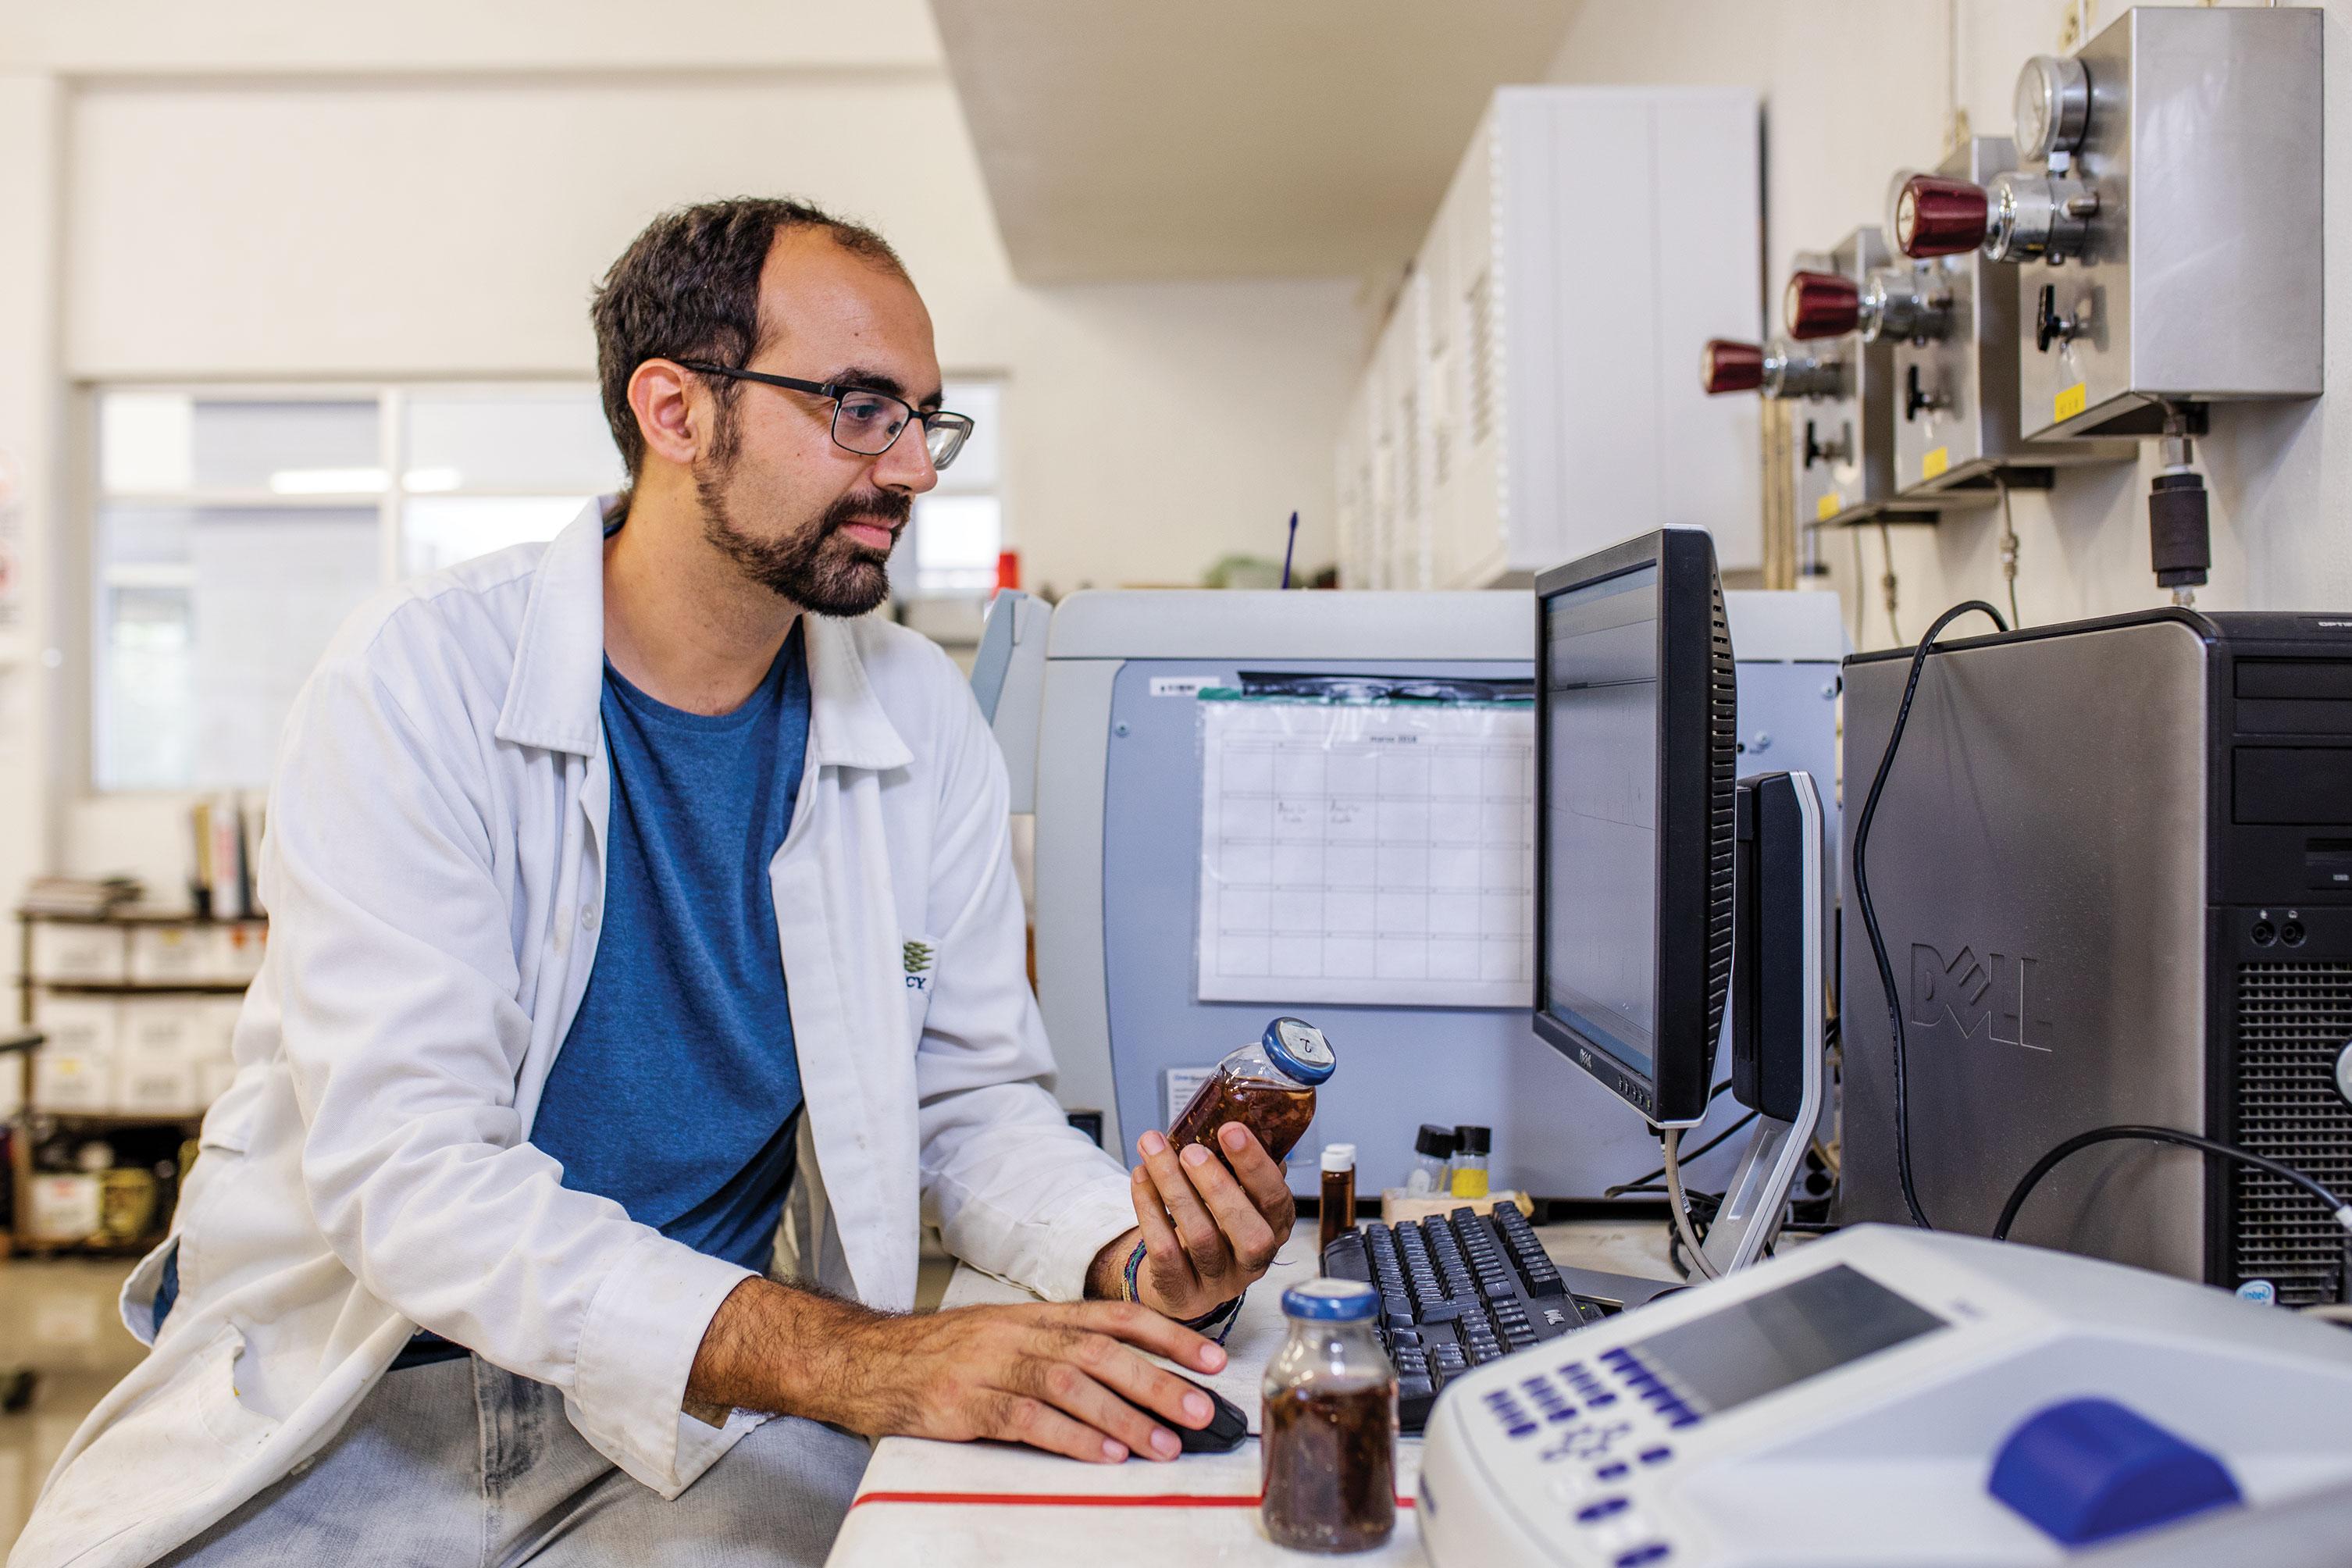 David Valero, investigador de doctorado en el Centro de Investigación Científica de Yucatán, está trabajando en un proceso para convertir las algas marinas en biogás que puede usarse para generar electricidad.